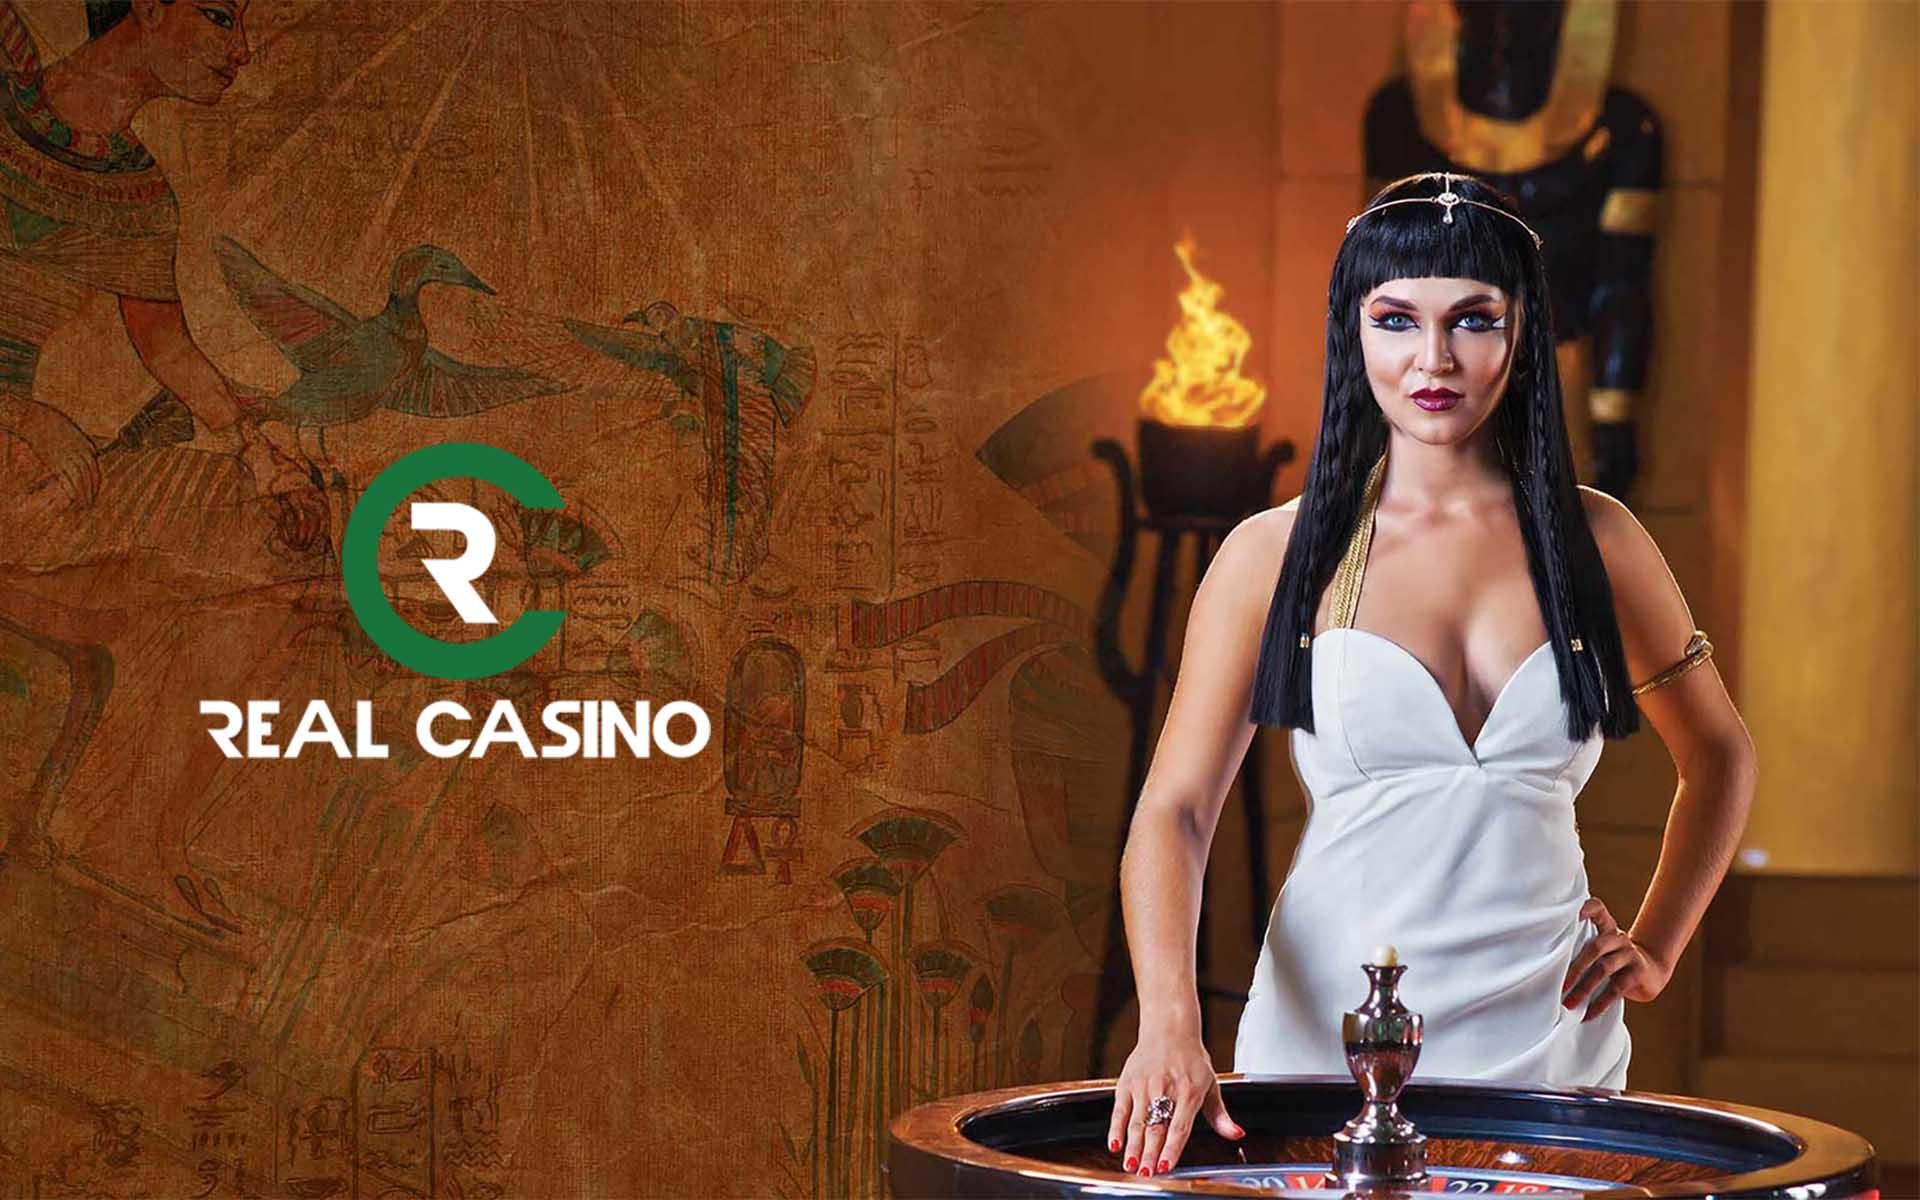 Casinos: The First Killer Blockchain App?